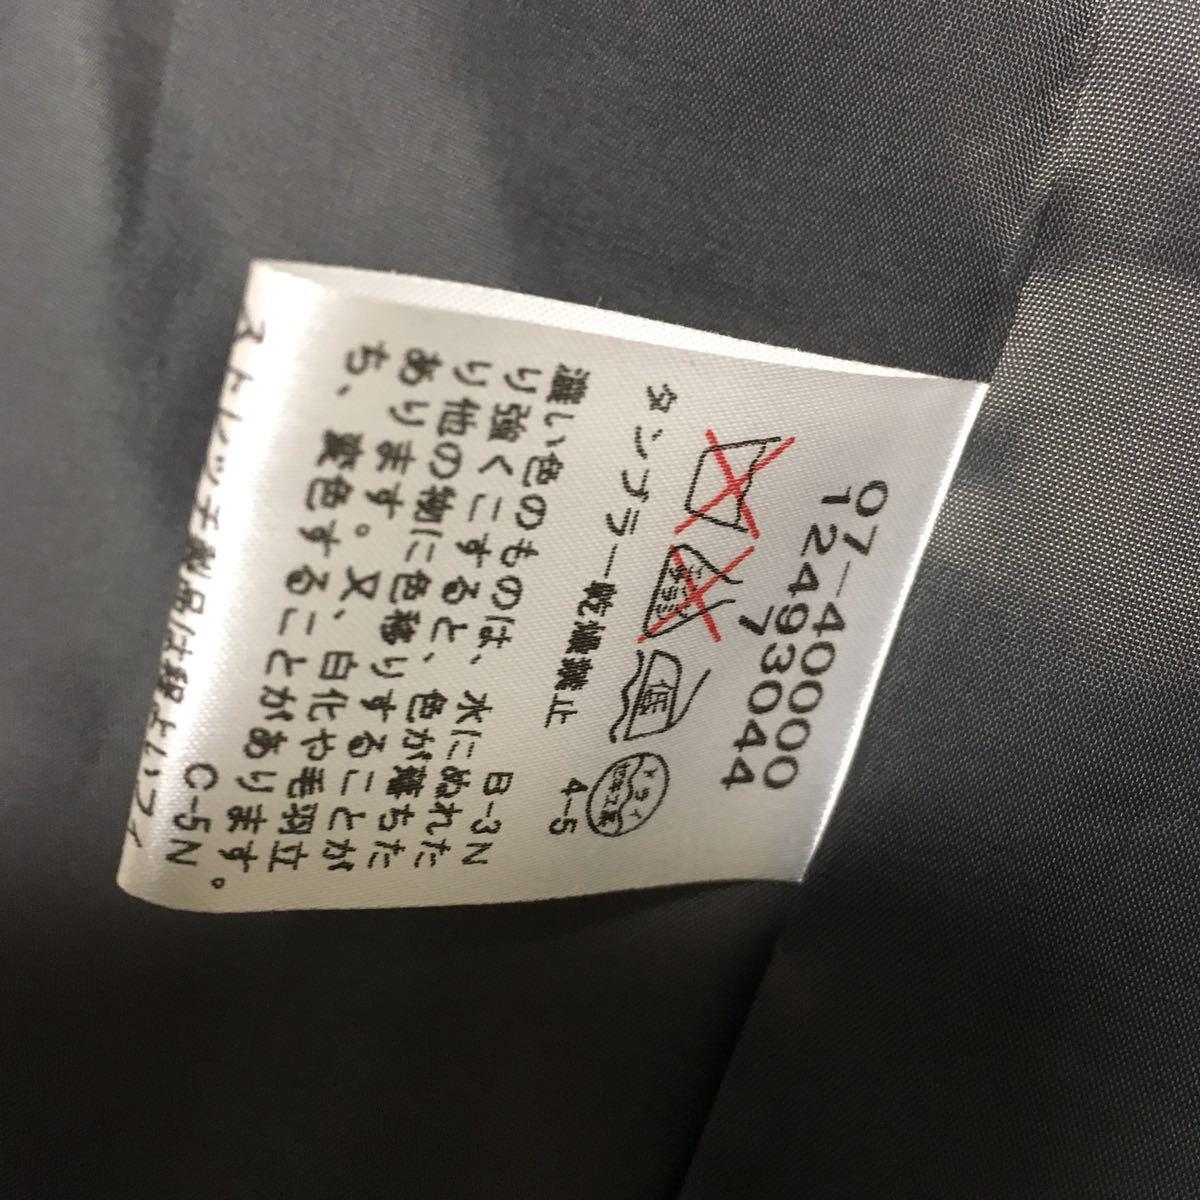 【タグ付き新品】アリスバーリー* Aylesbury* テーラードジャケット 春~秋 就活 面接 21000円+税 未使用品!